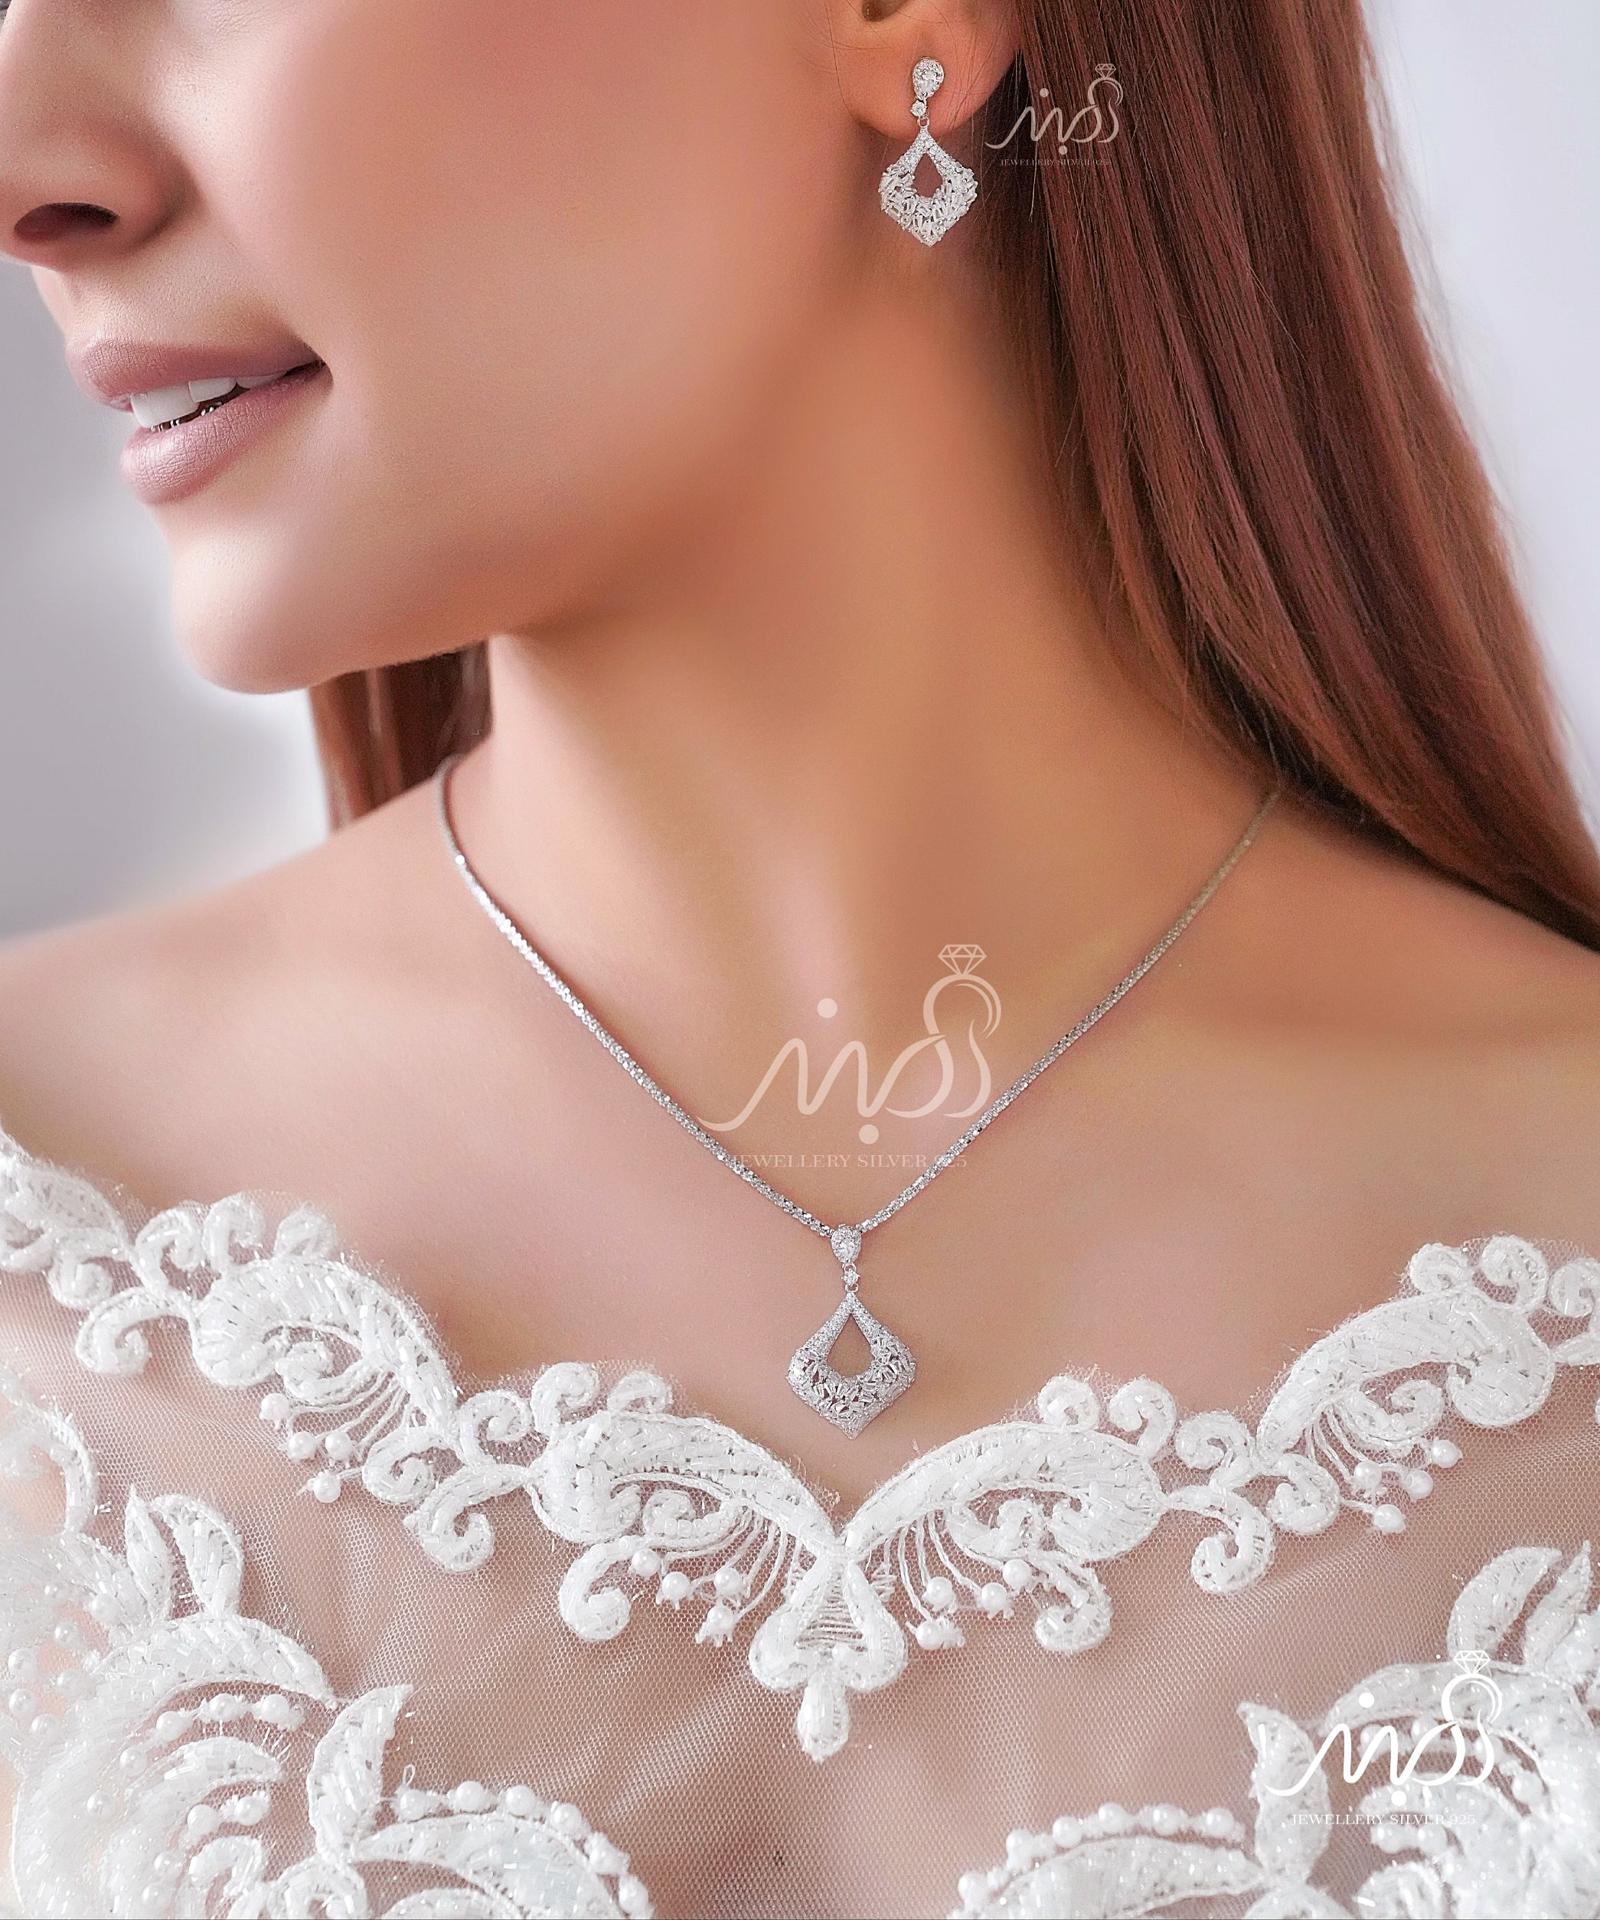 💍نیمست جواهری ظریف با نگین های ناهمگون با طراحی ژورنالی جواهرات به روز ، نگین های زیرکونیا اتریشی ؛ نقره عیار ۹۲۵ با روکش طلا سفید 